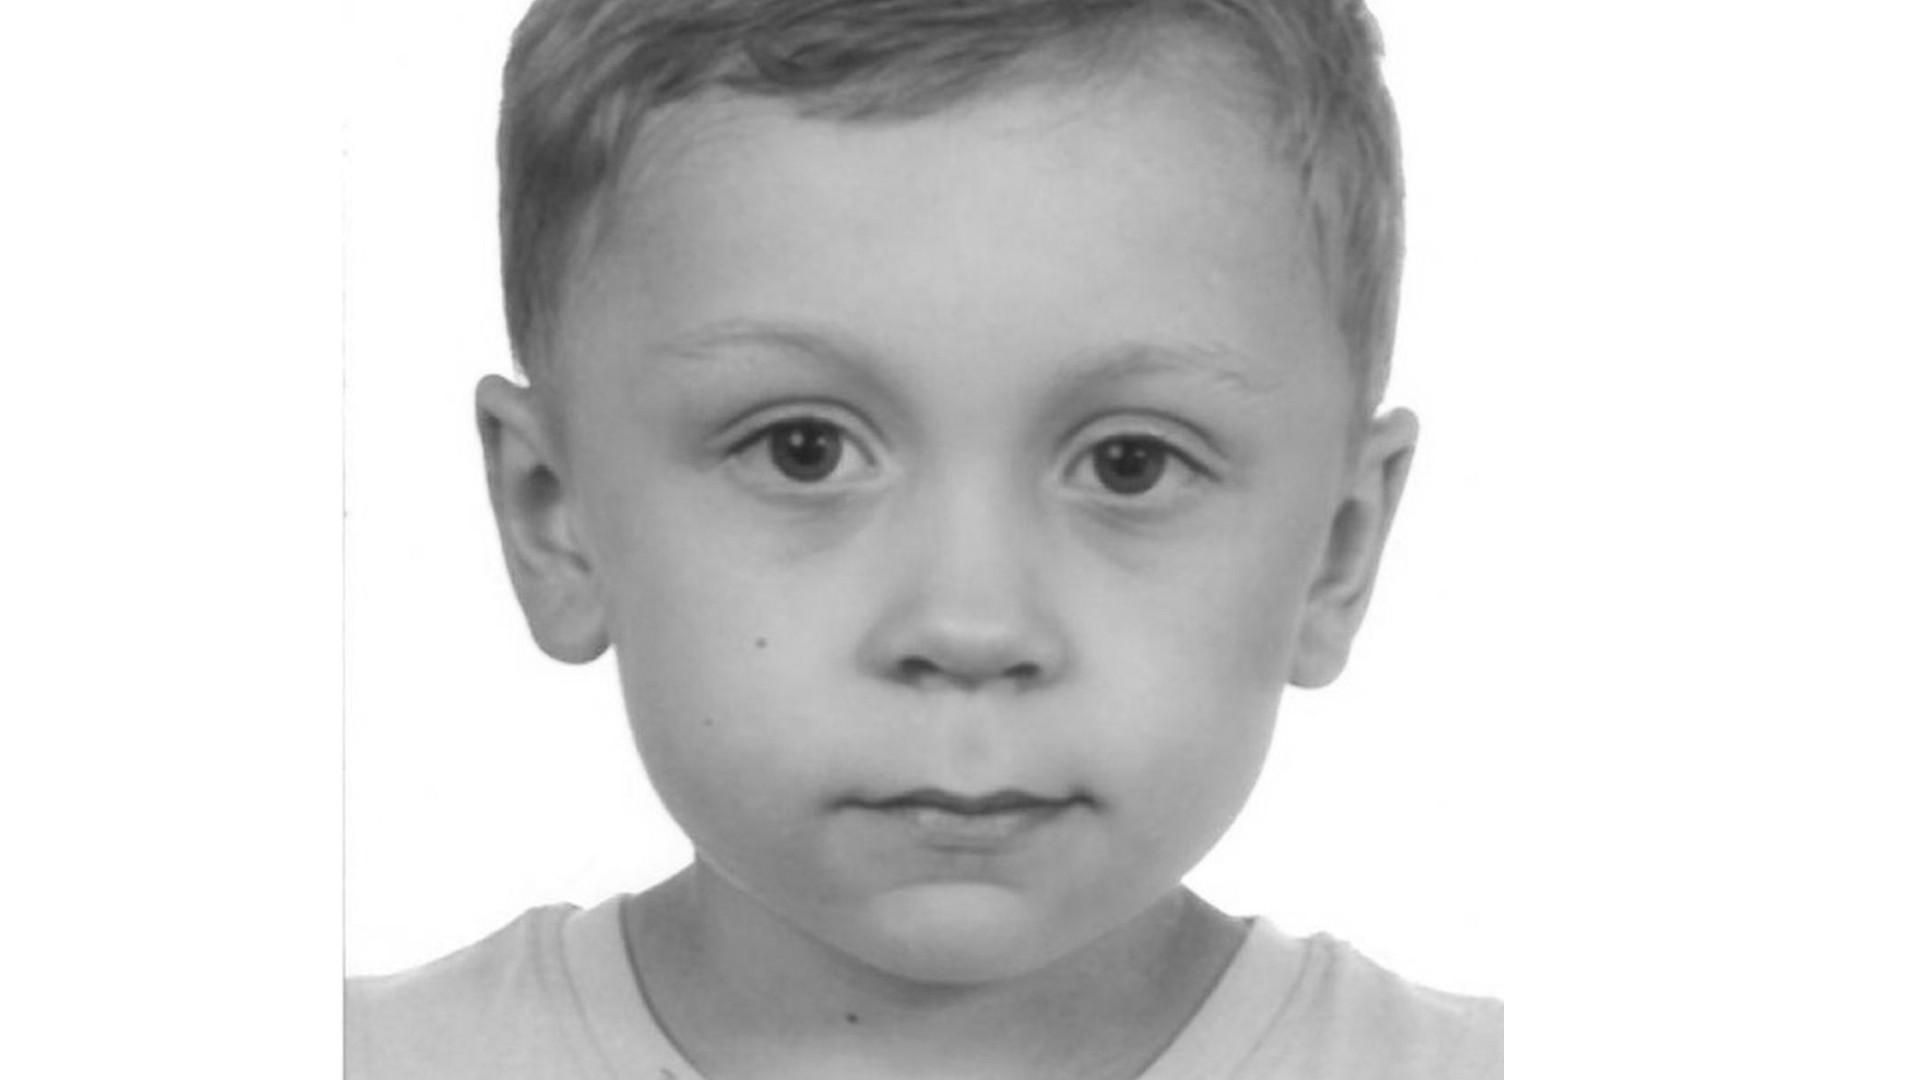 Matka Dawida Żukowskiego wydała oświadczenie: PROSZĘ O MODLITWĘ